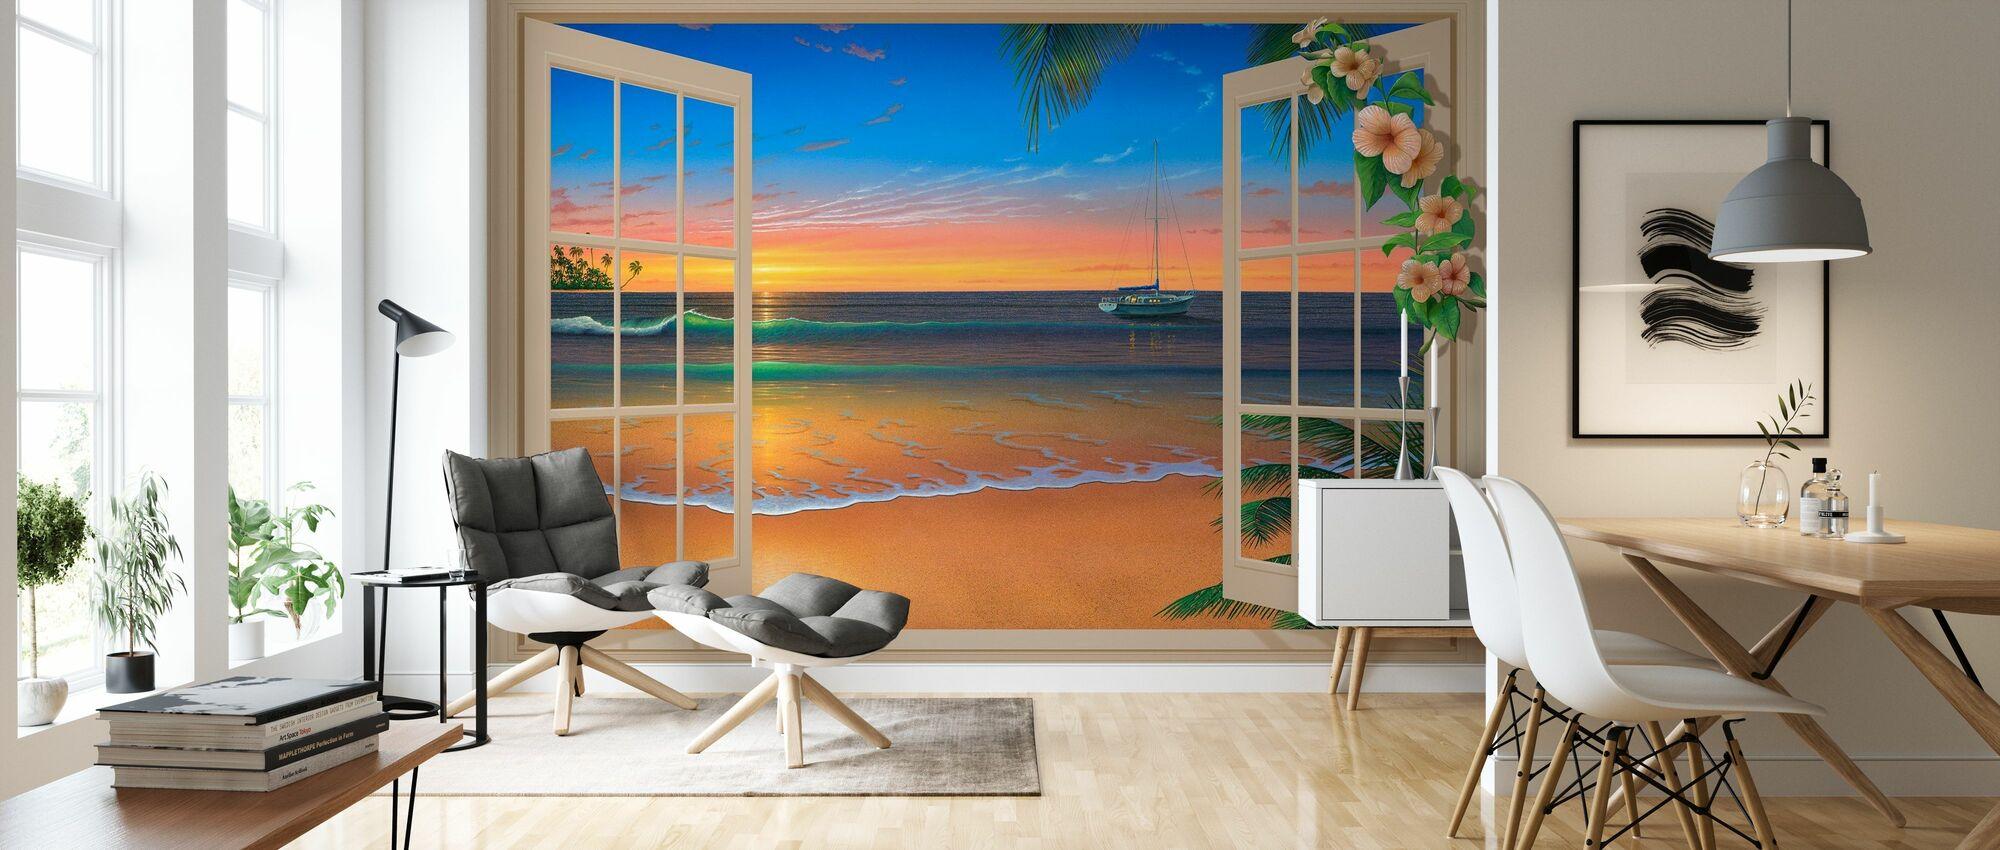 Solnedgang gjennom vinduet med blomster - Tapet - Stue